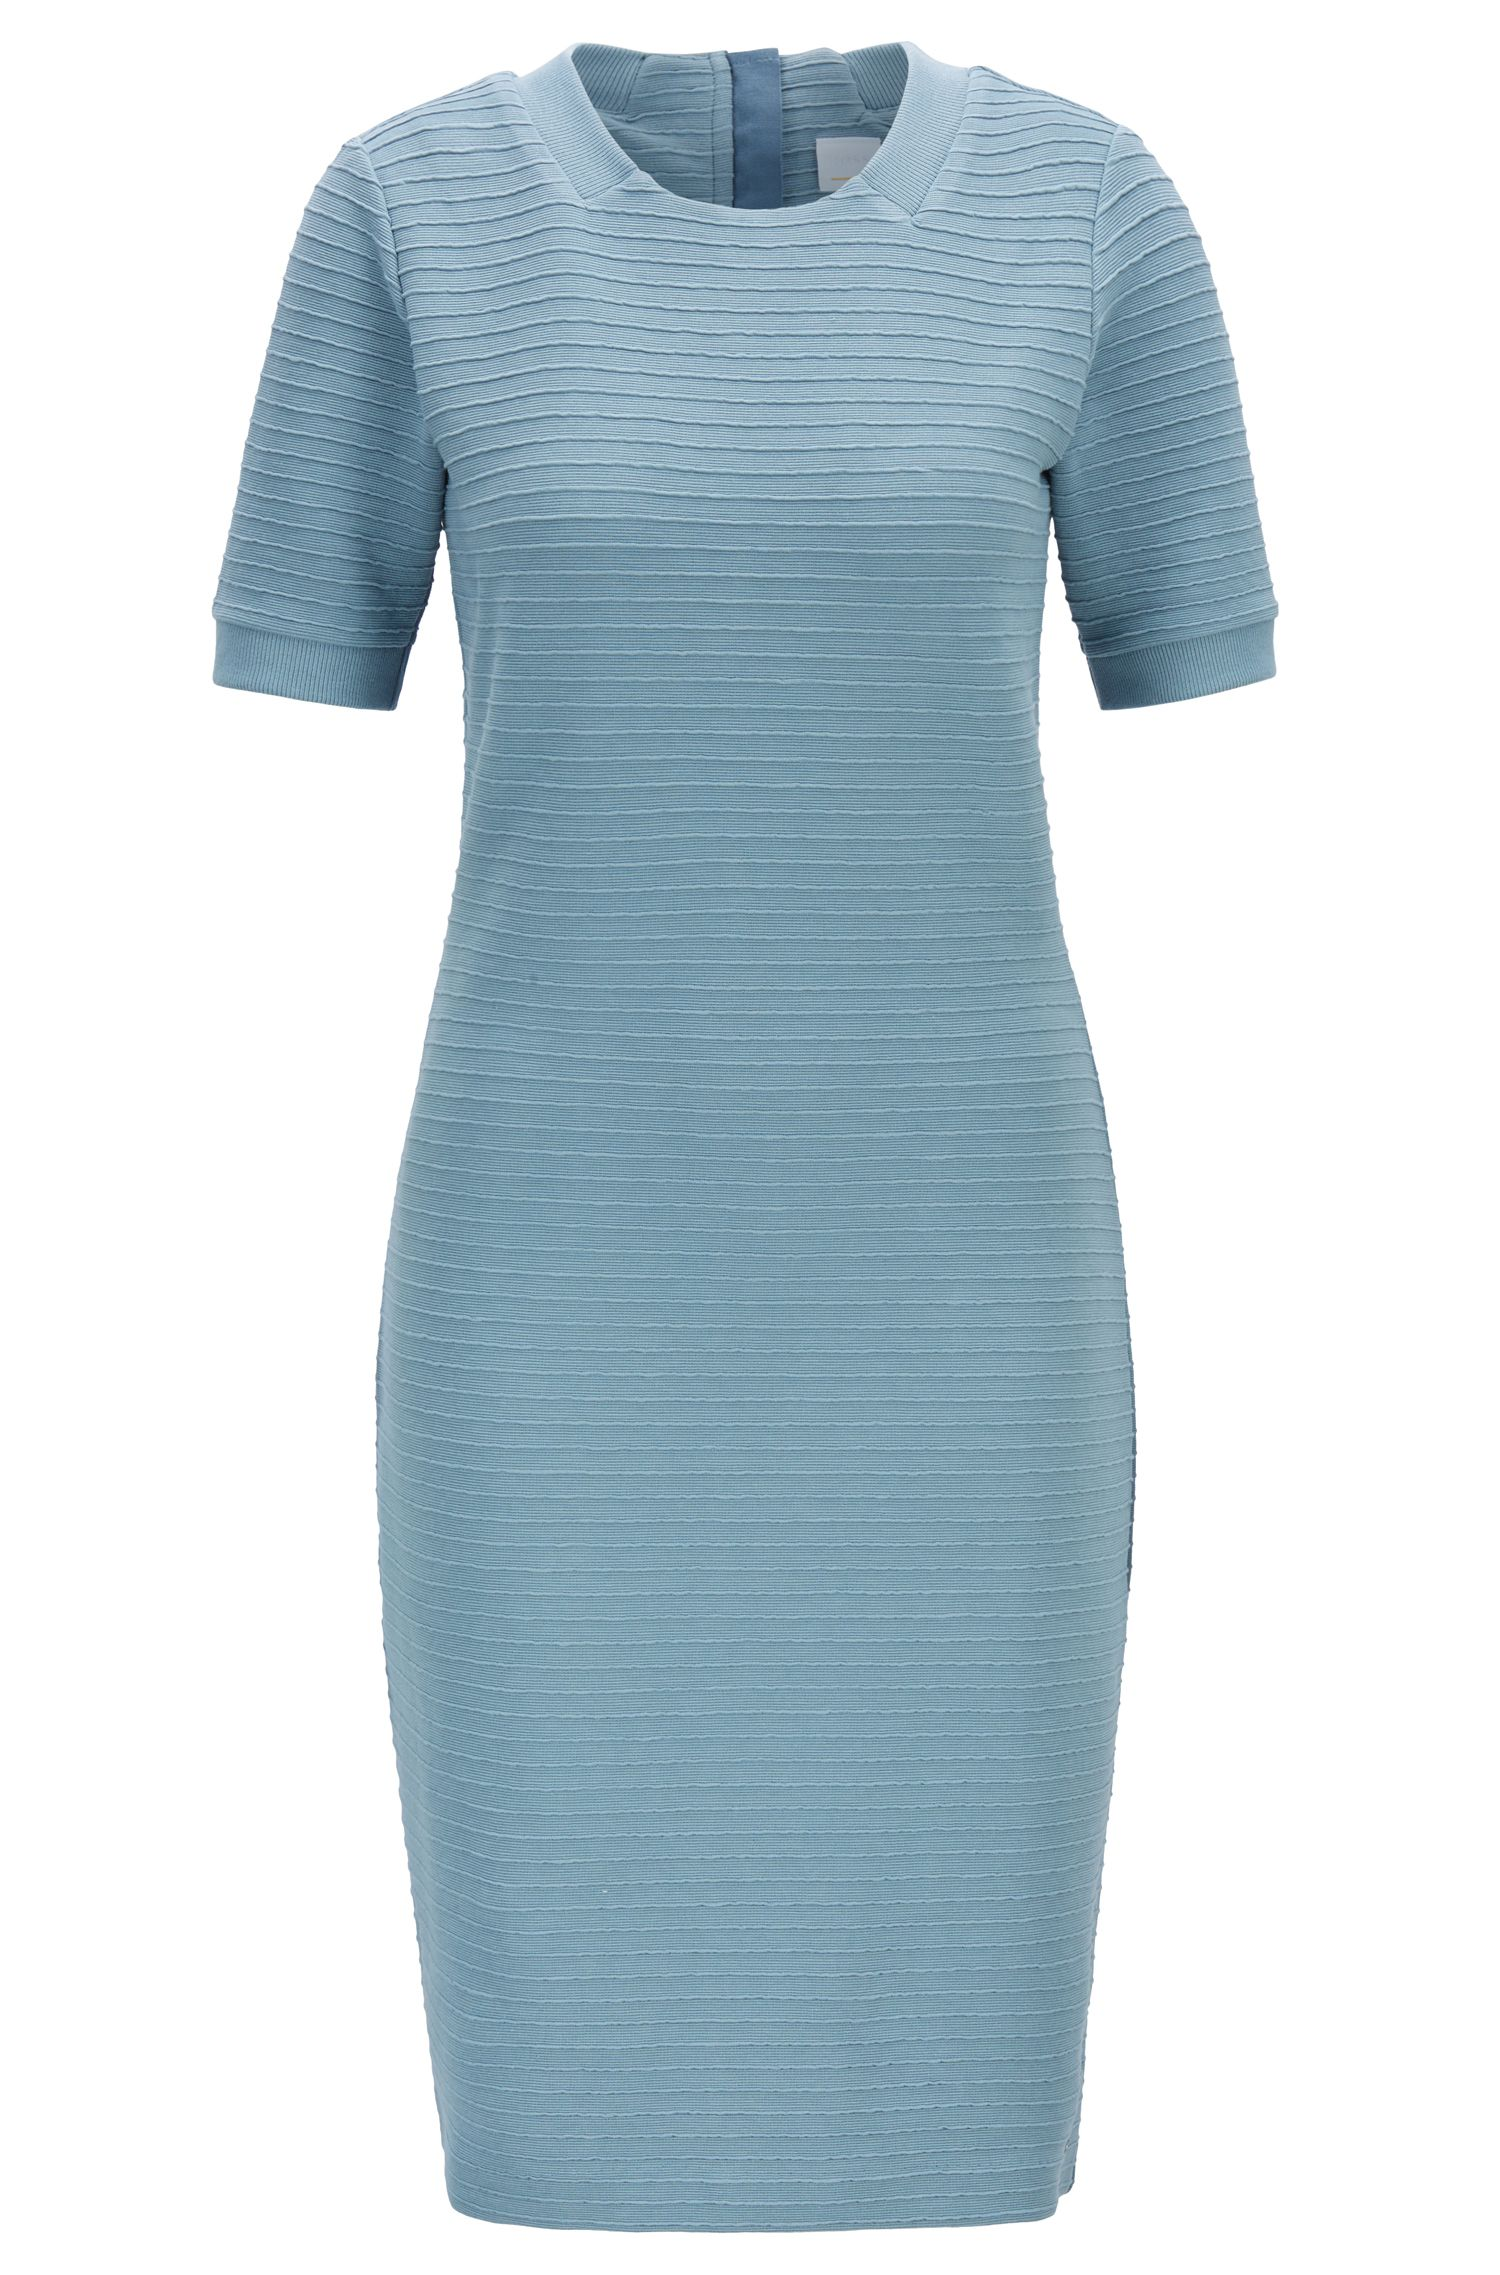 Vestido entallado slim fit con textura de canalé tridimensional, Azul